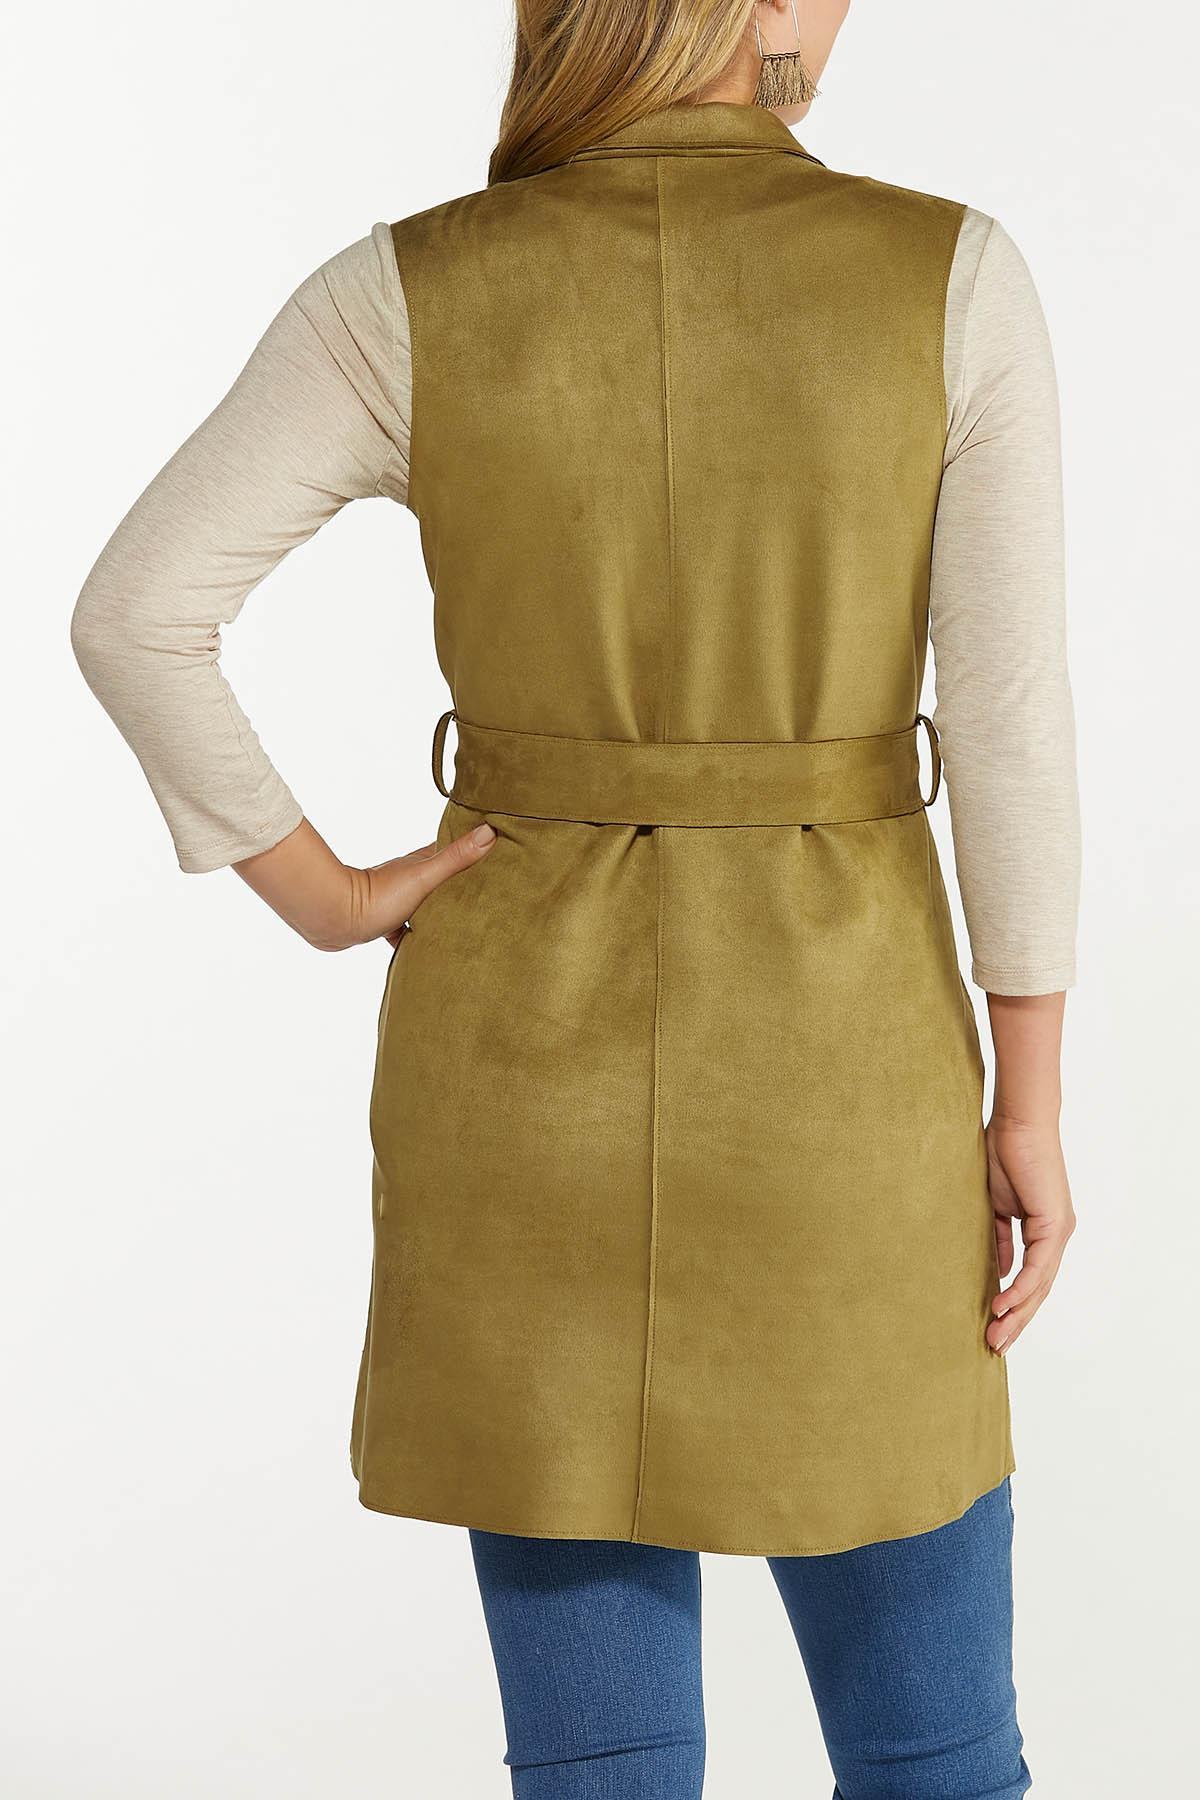 Faux Suede Vest (Item #44650740)